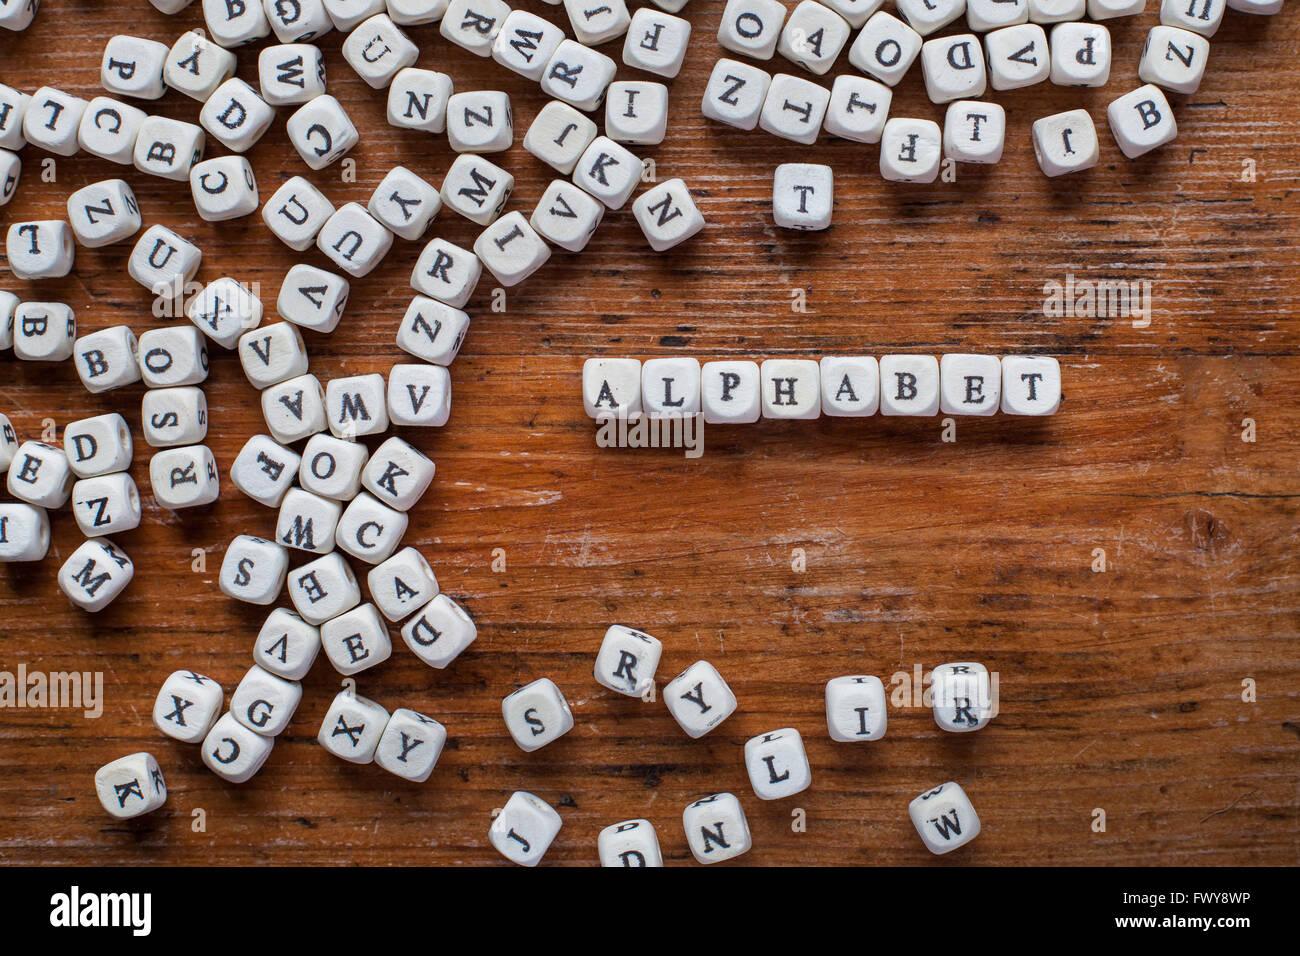 Concept de l'alphabet, mot écrit avec des lettres en bois blanc, texte anglais sur fond sombre, abc Photo Stock